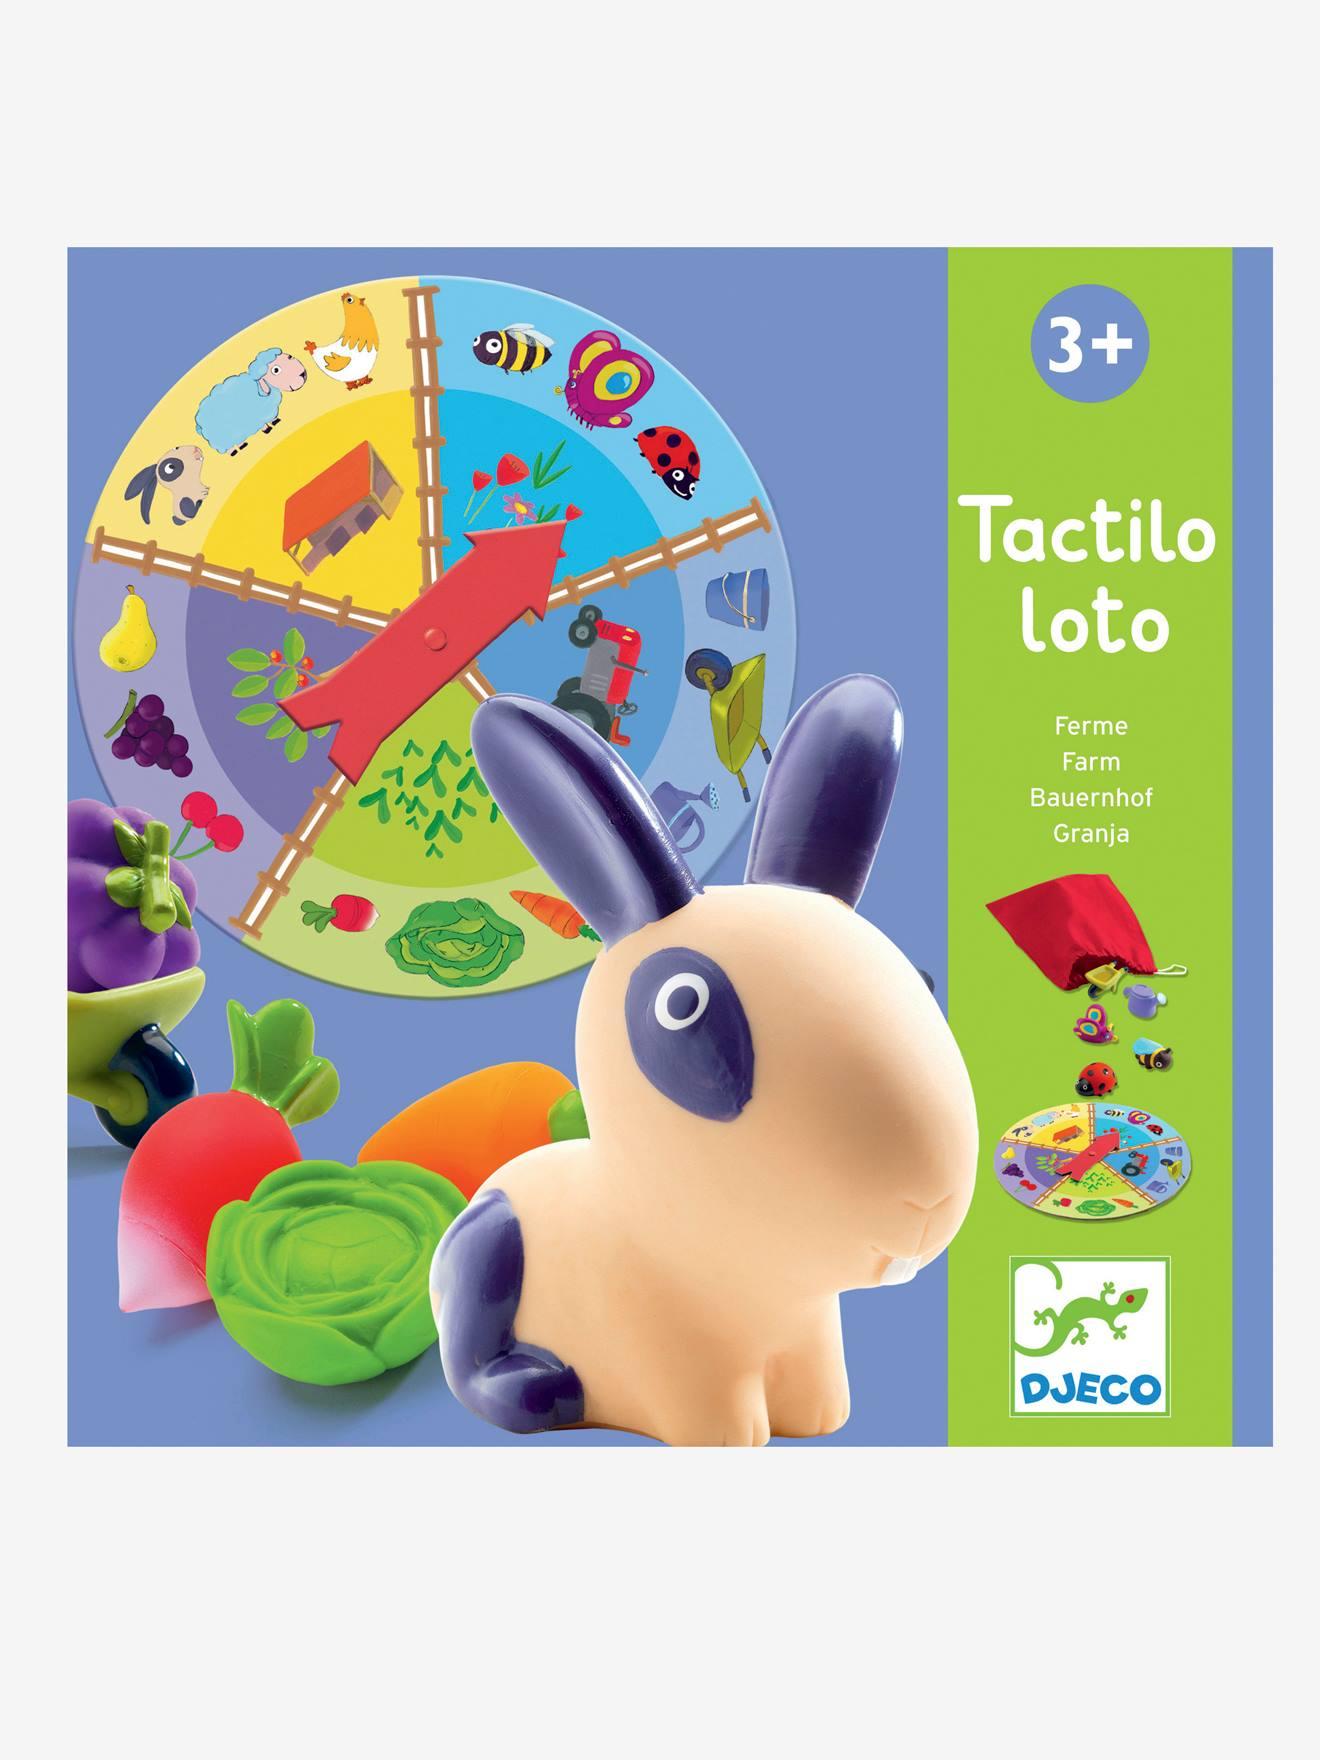 Loto Multicolore Multicolore Tactilo Tactilo Loto Ferme Tactilo Loto Ferme Djeco Djeco 80wnOPXk